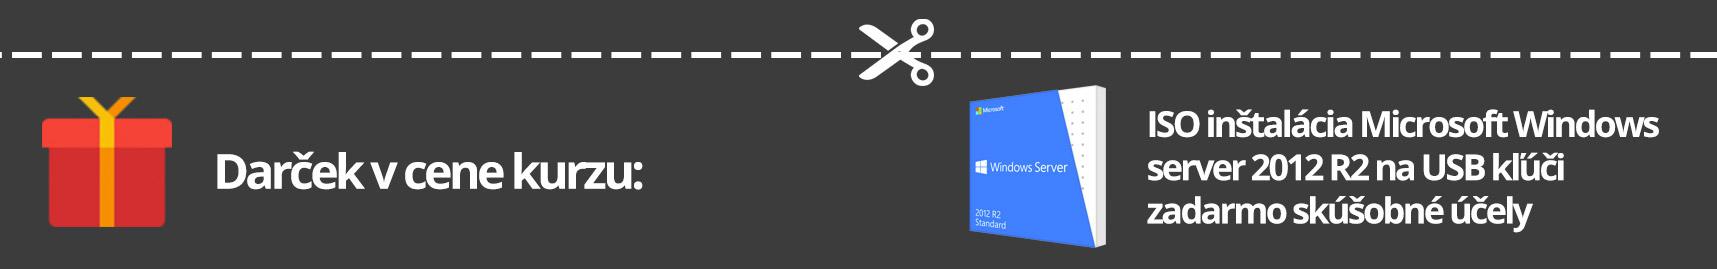 Darček ku kurzu zadarmo, ISO inštalácia Microsoft